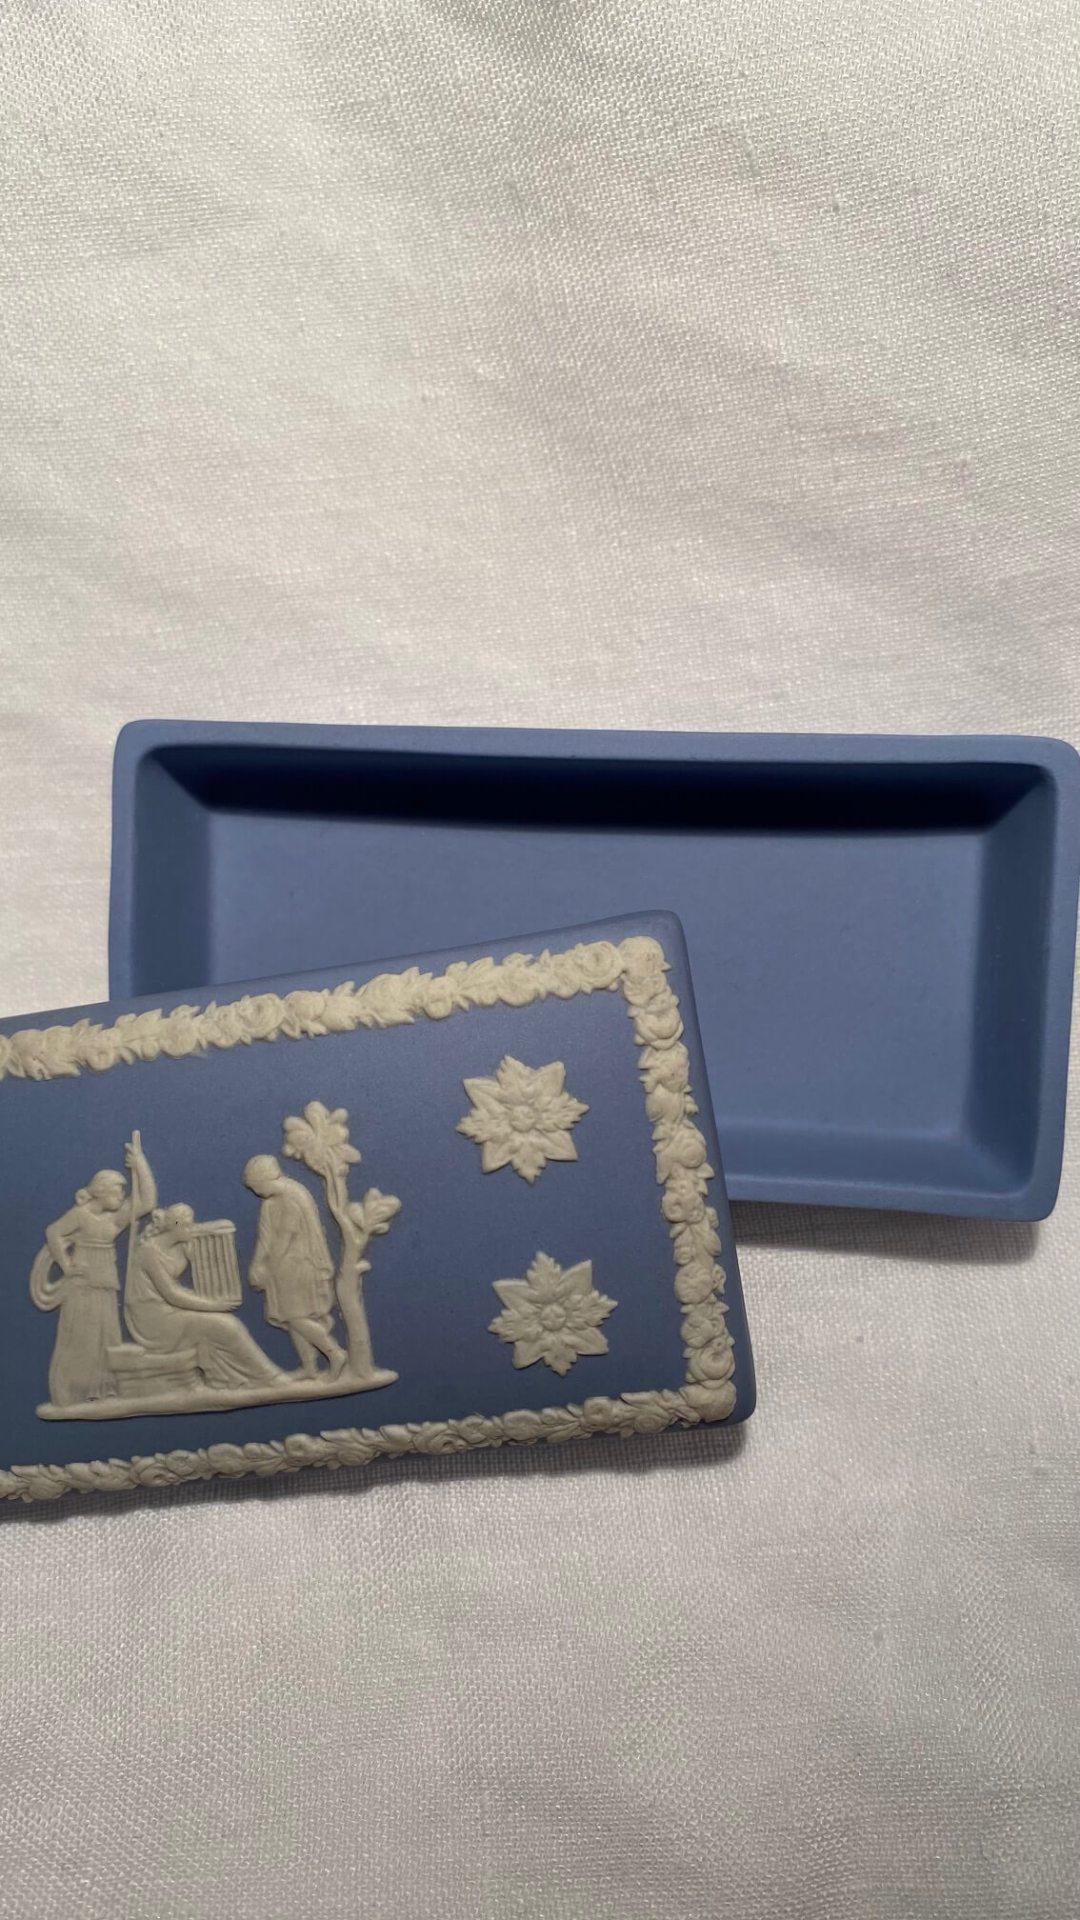 Boite bleue Wedgwood antiquité merveilles de marie